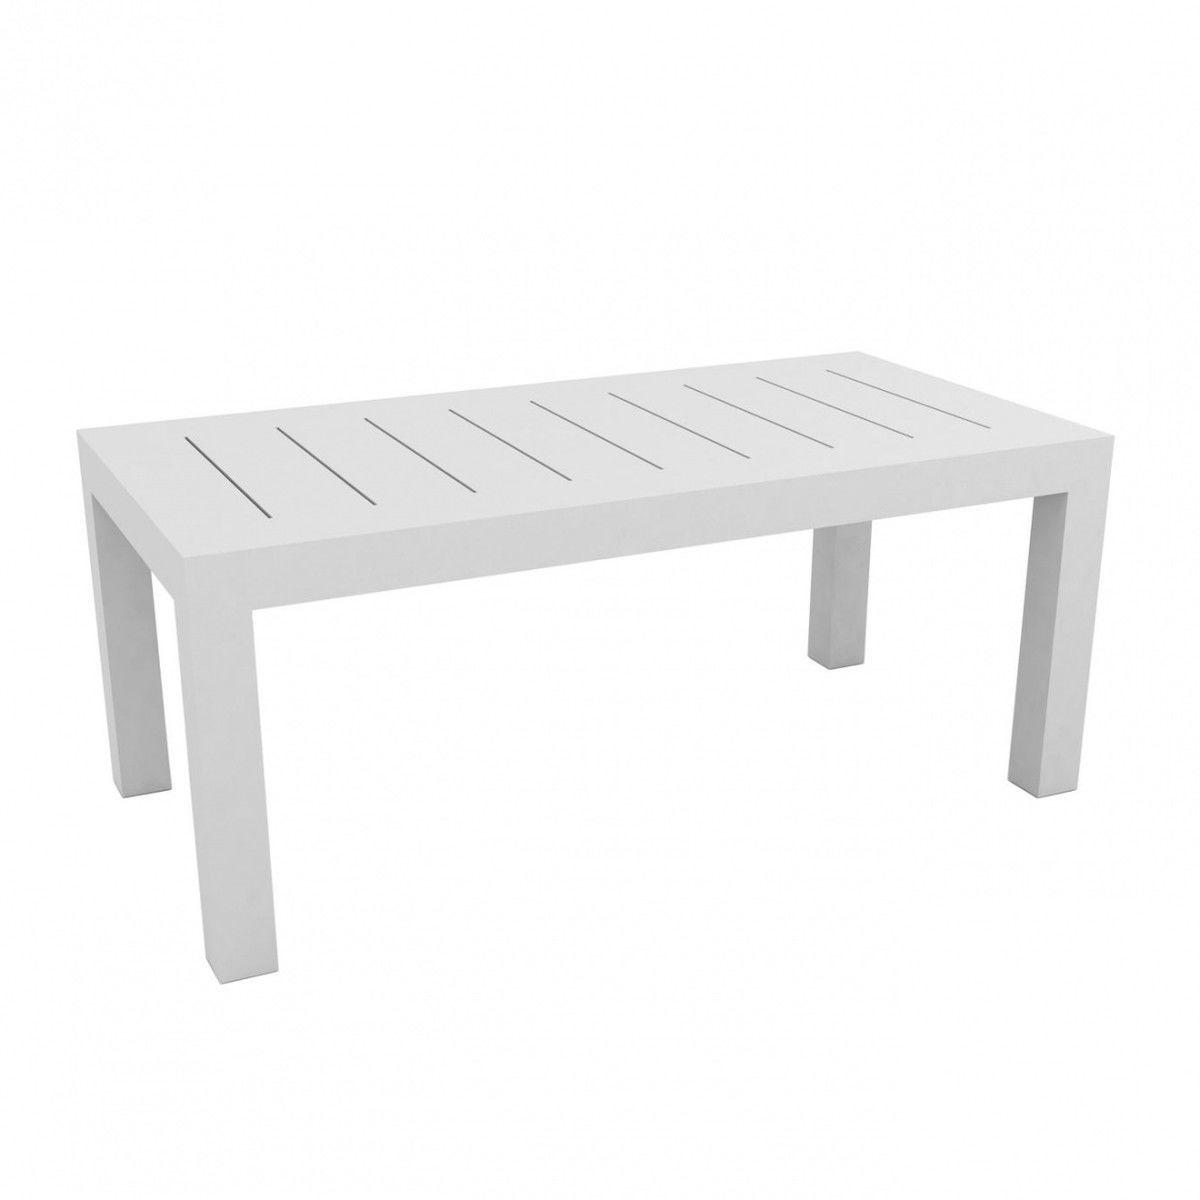 jut table 180cm vondom meubles de jardin en plastique. Black Bedroom Furniture Sets. Home Design Ideas